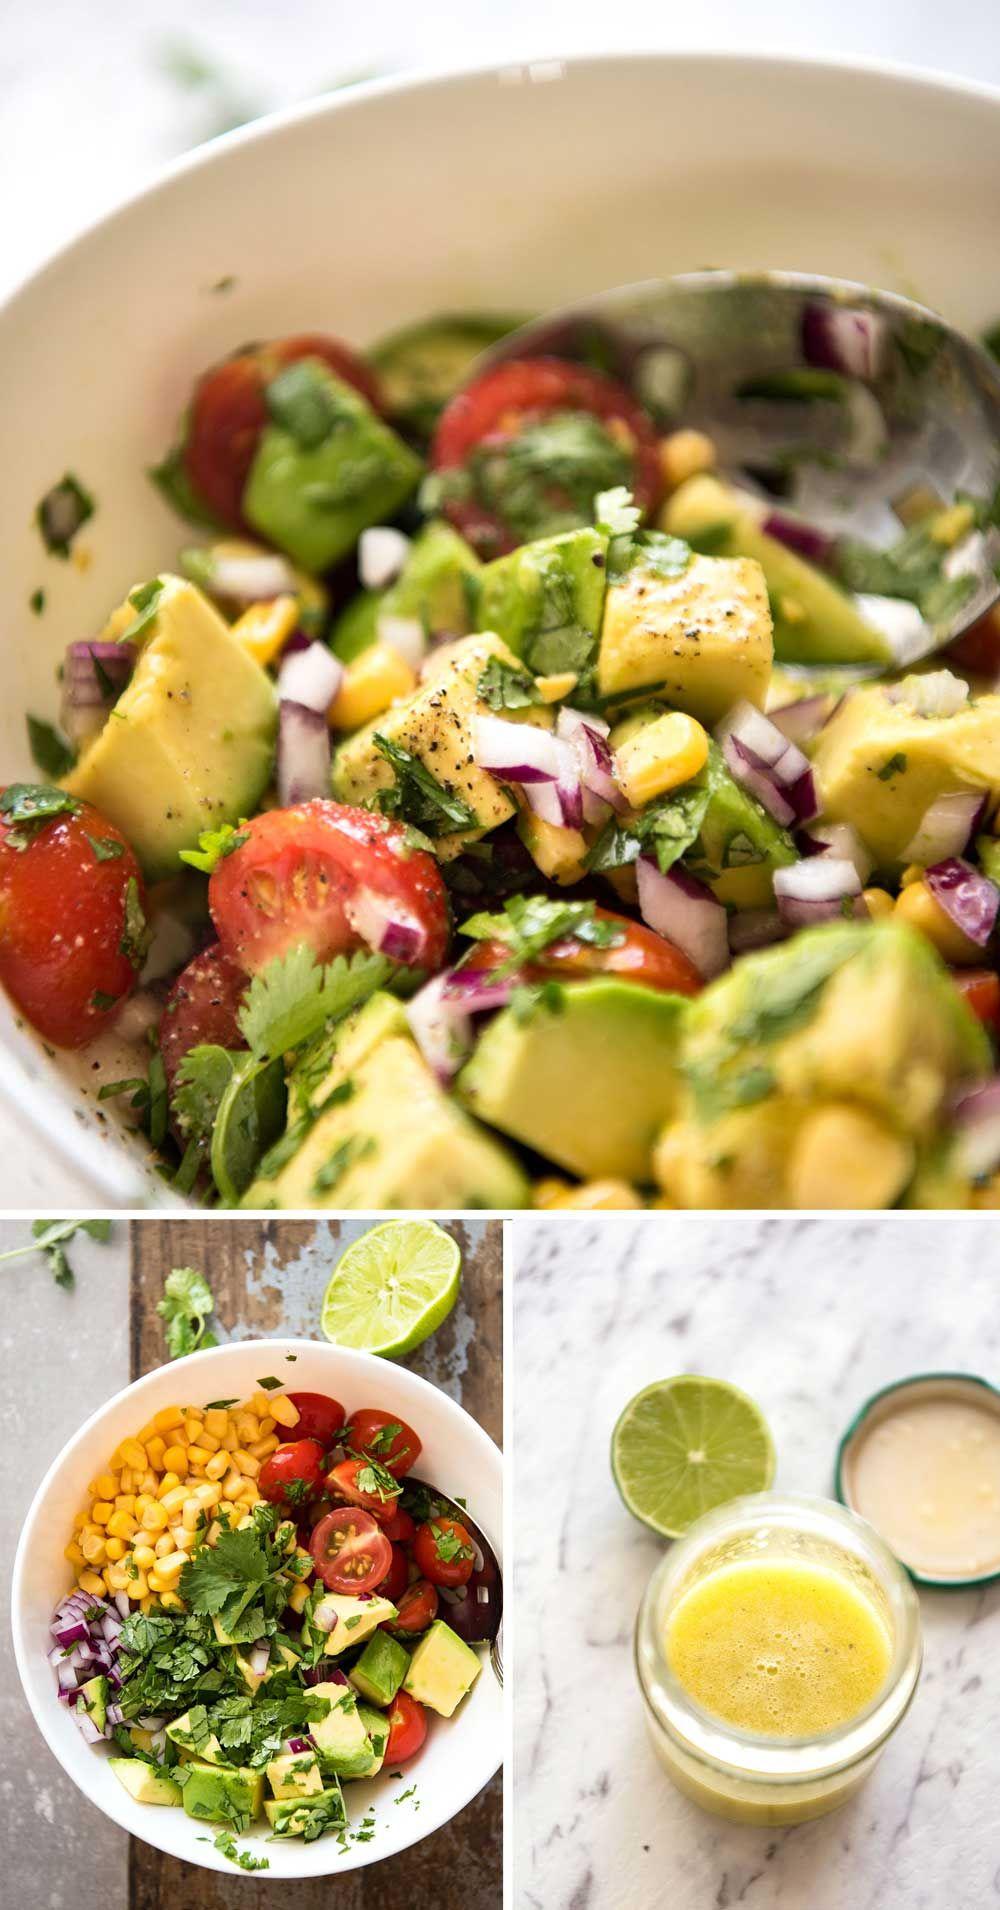 Mexican Avocado Chicken Salad